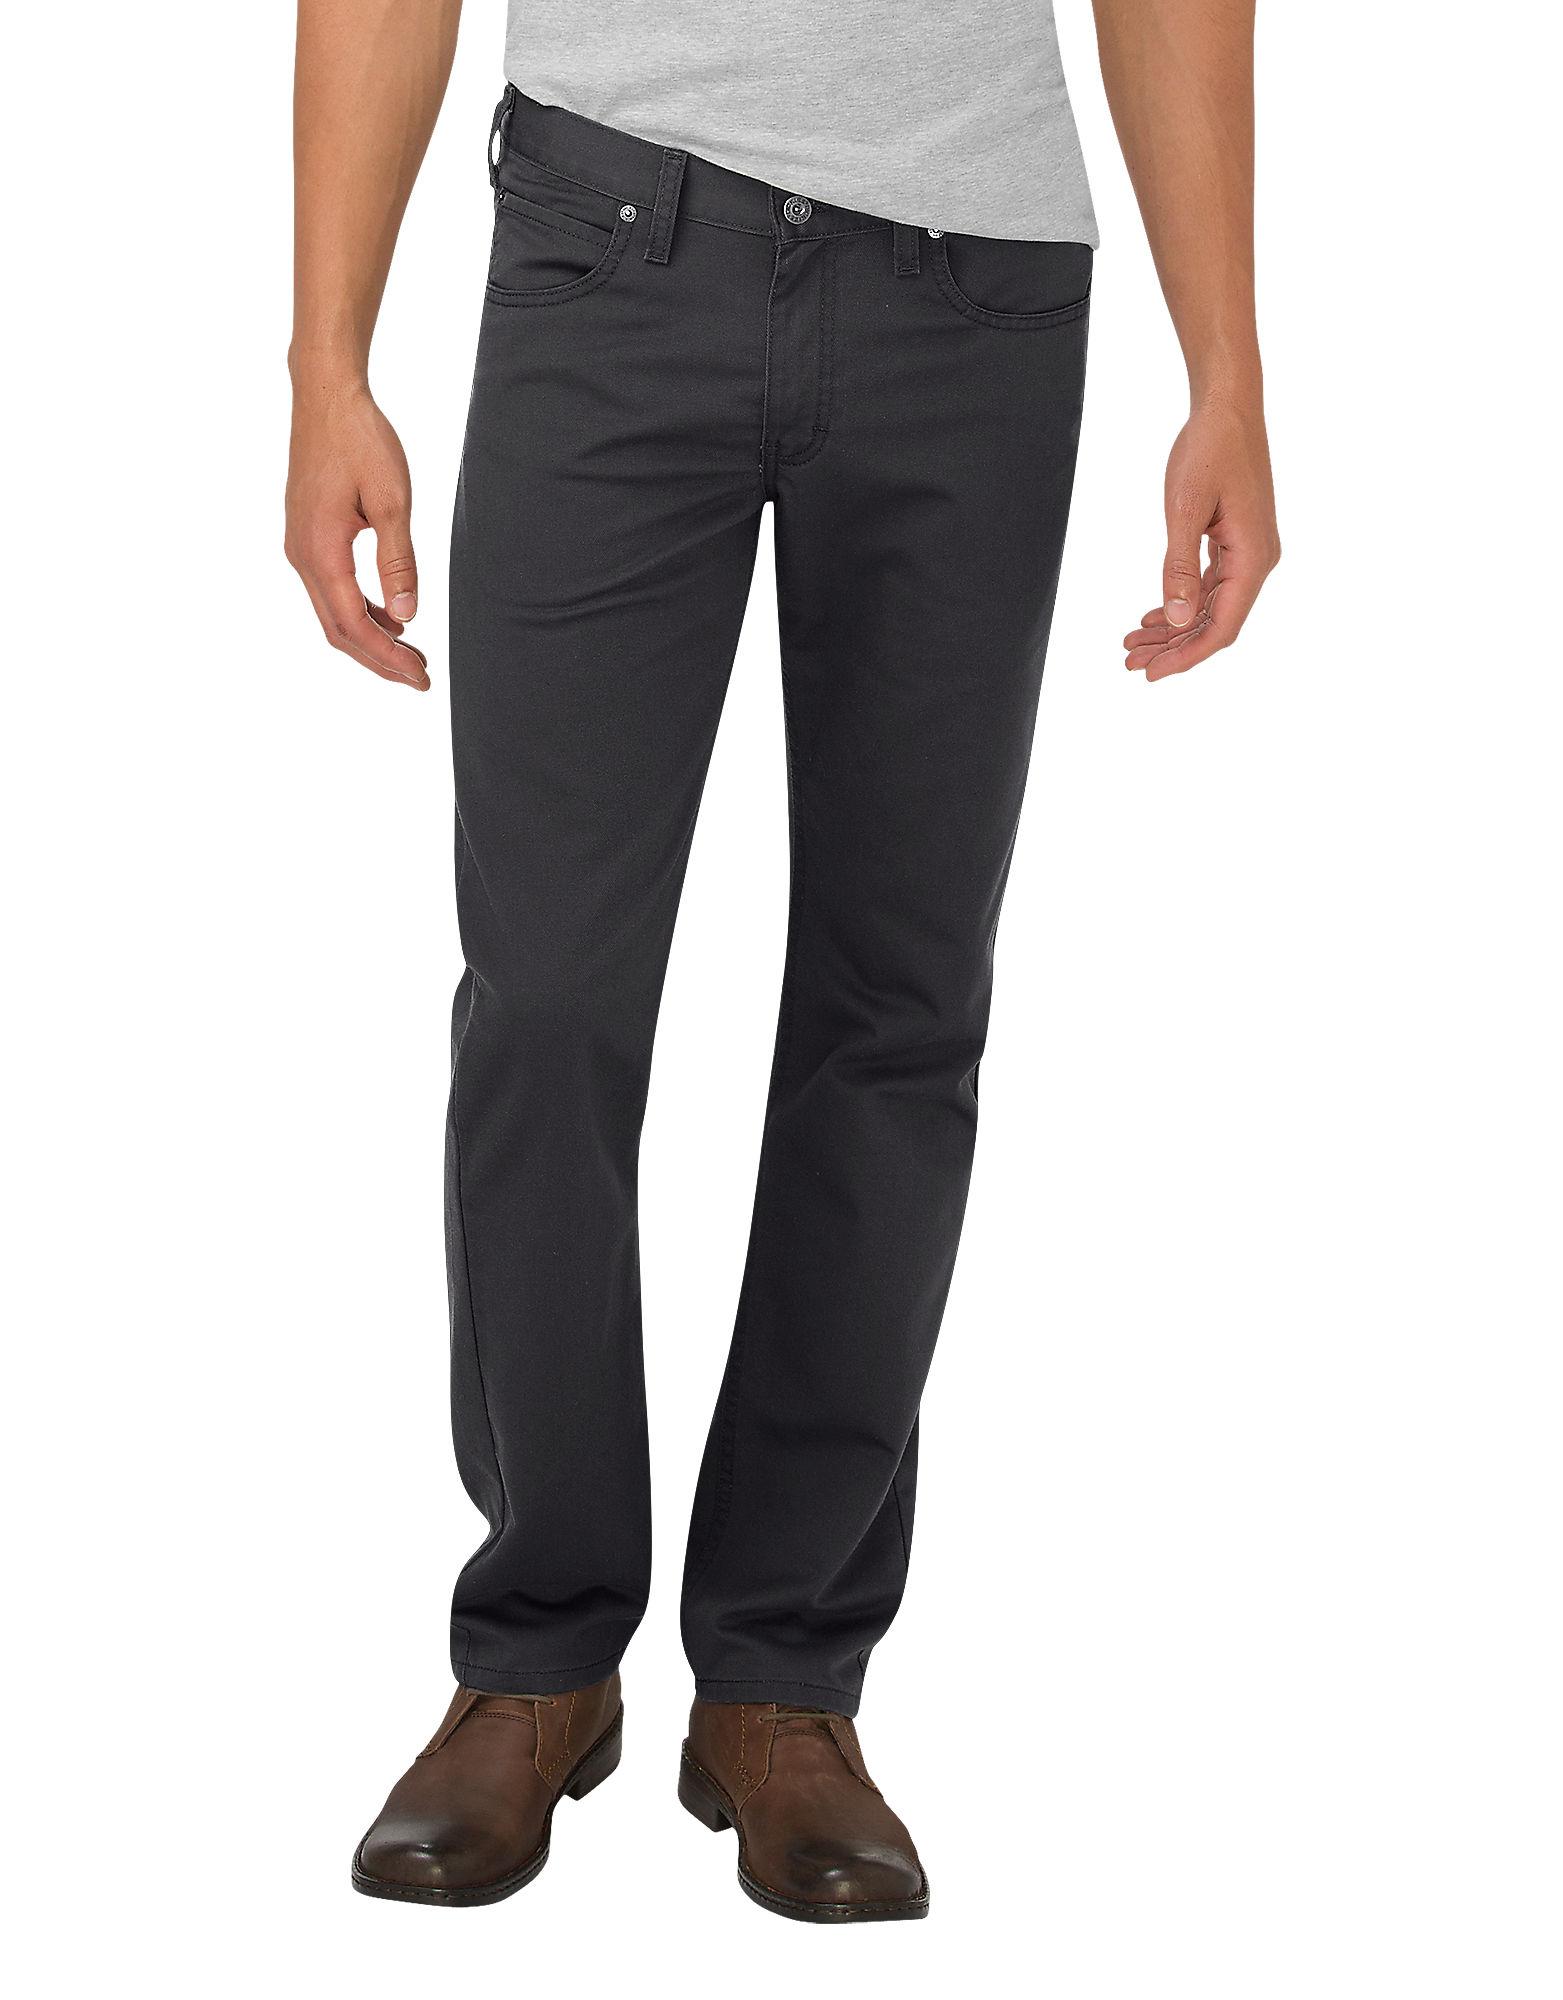 dickies-x-series-slim-fit-tapered-leg-jeans